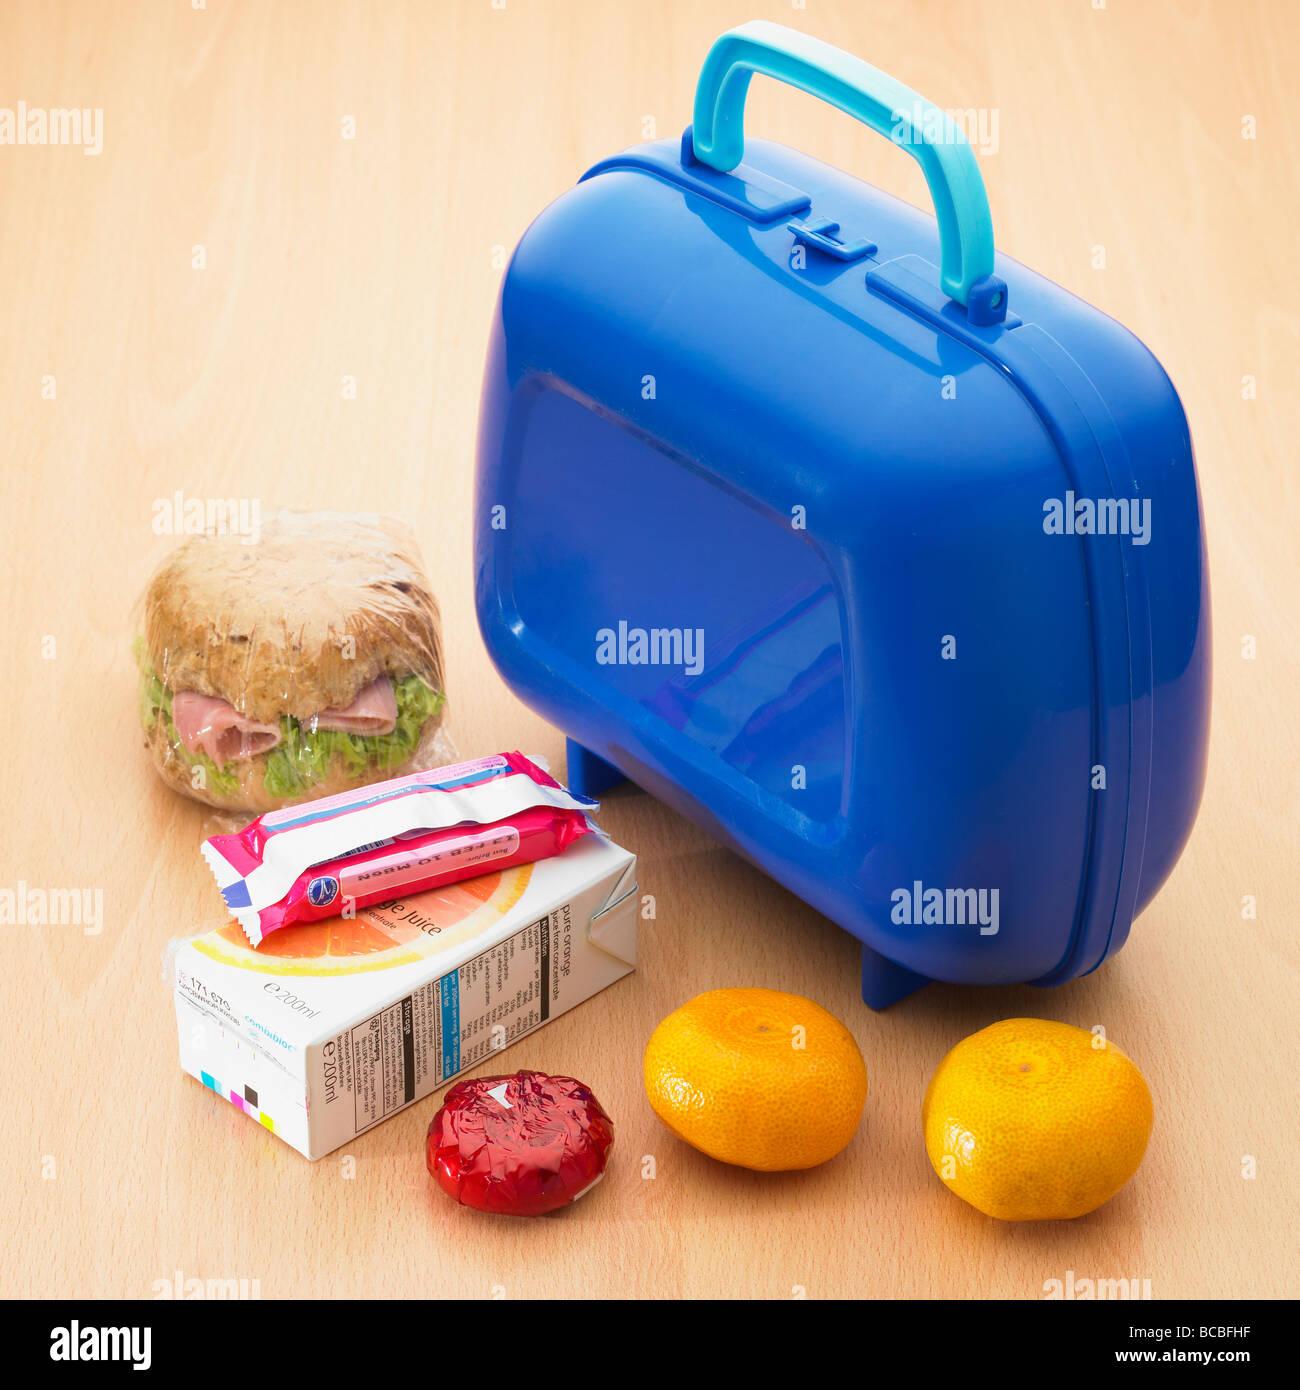 École pour enfants en santé boîte à lunch avec rouleau complet,les satsumas, fromage, jus d'orange Photo Stock